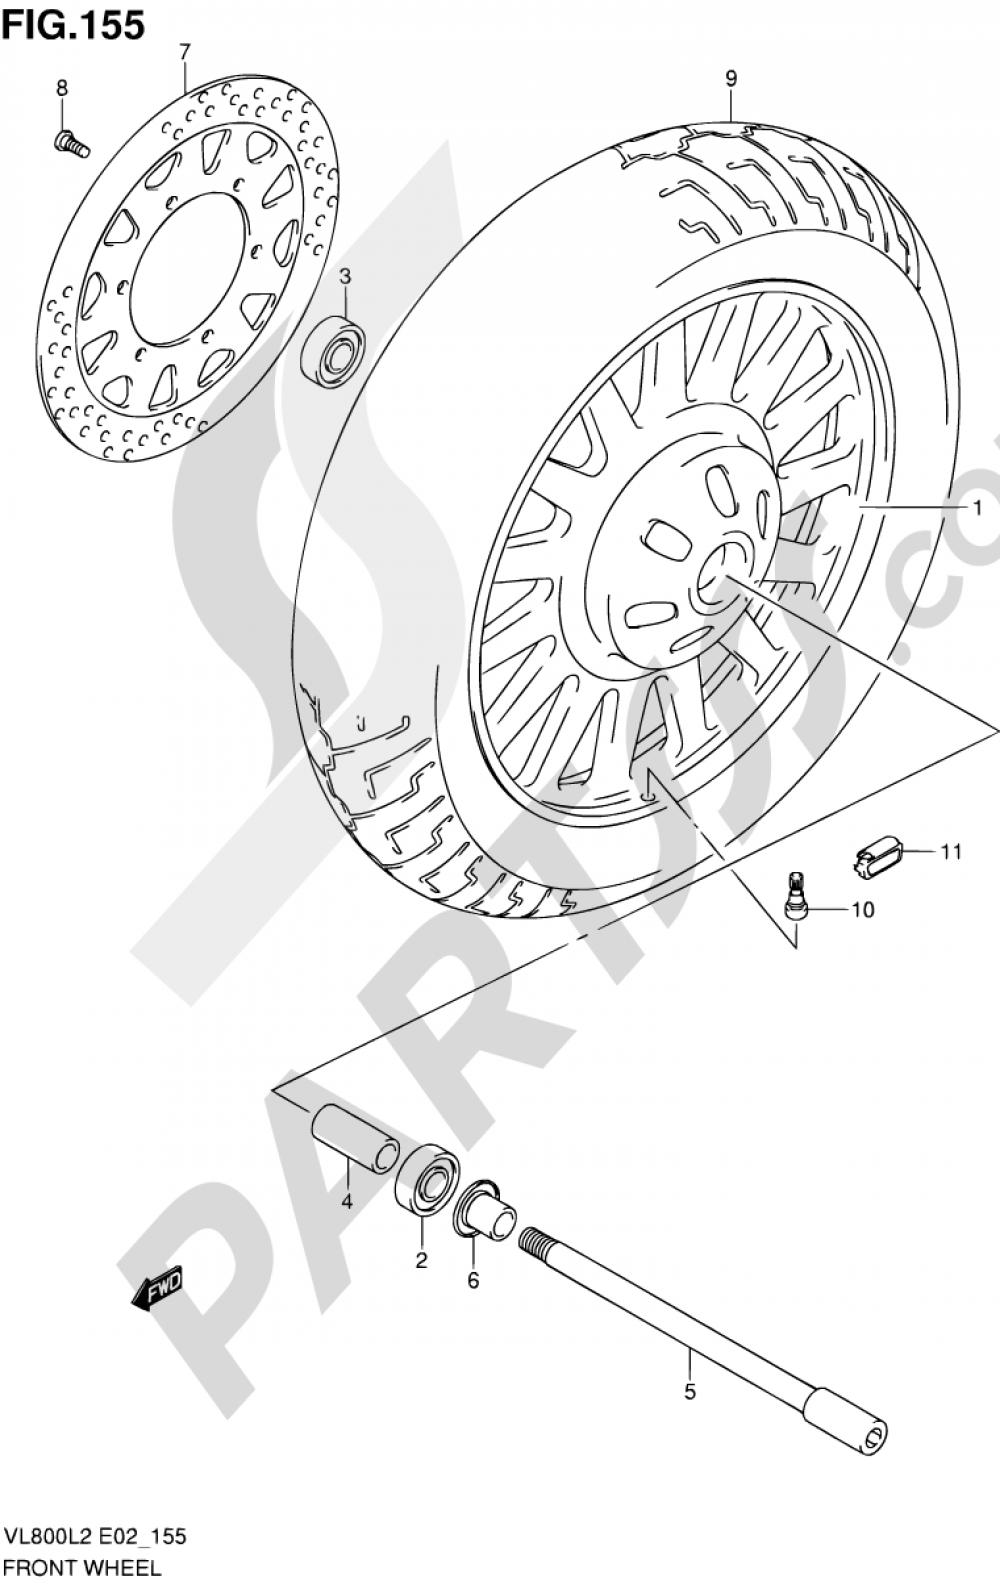 155 - FRONT WHEEL (VL800CUEL2 E19) Suzuki INTRUDER VL800T 2012